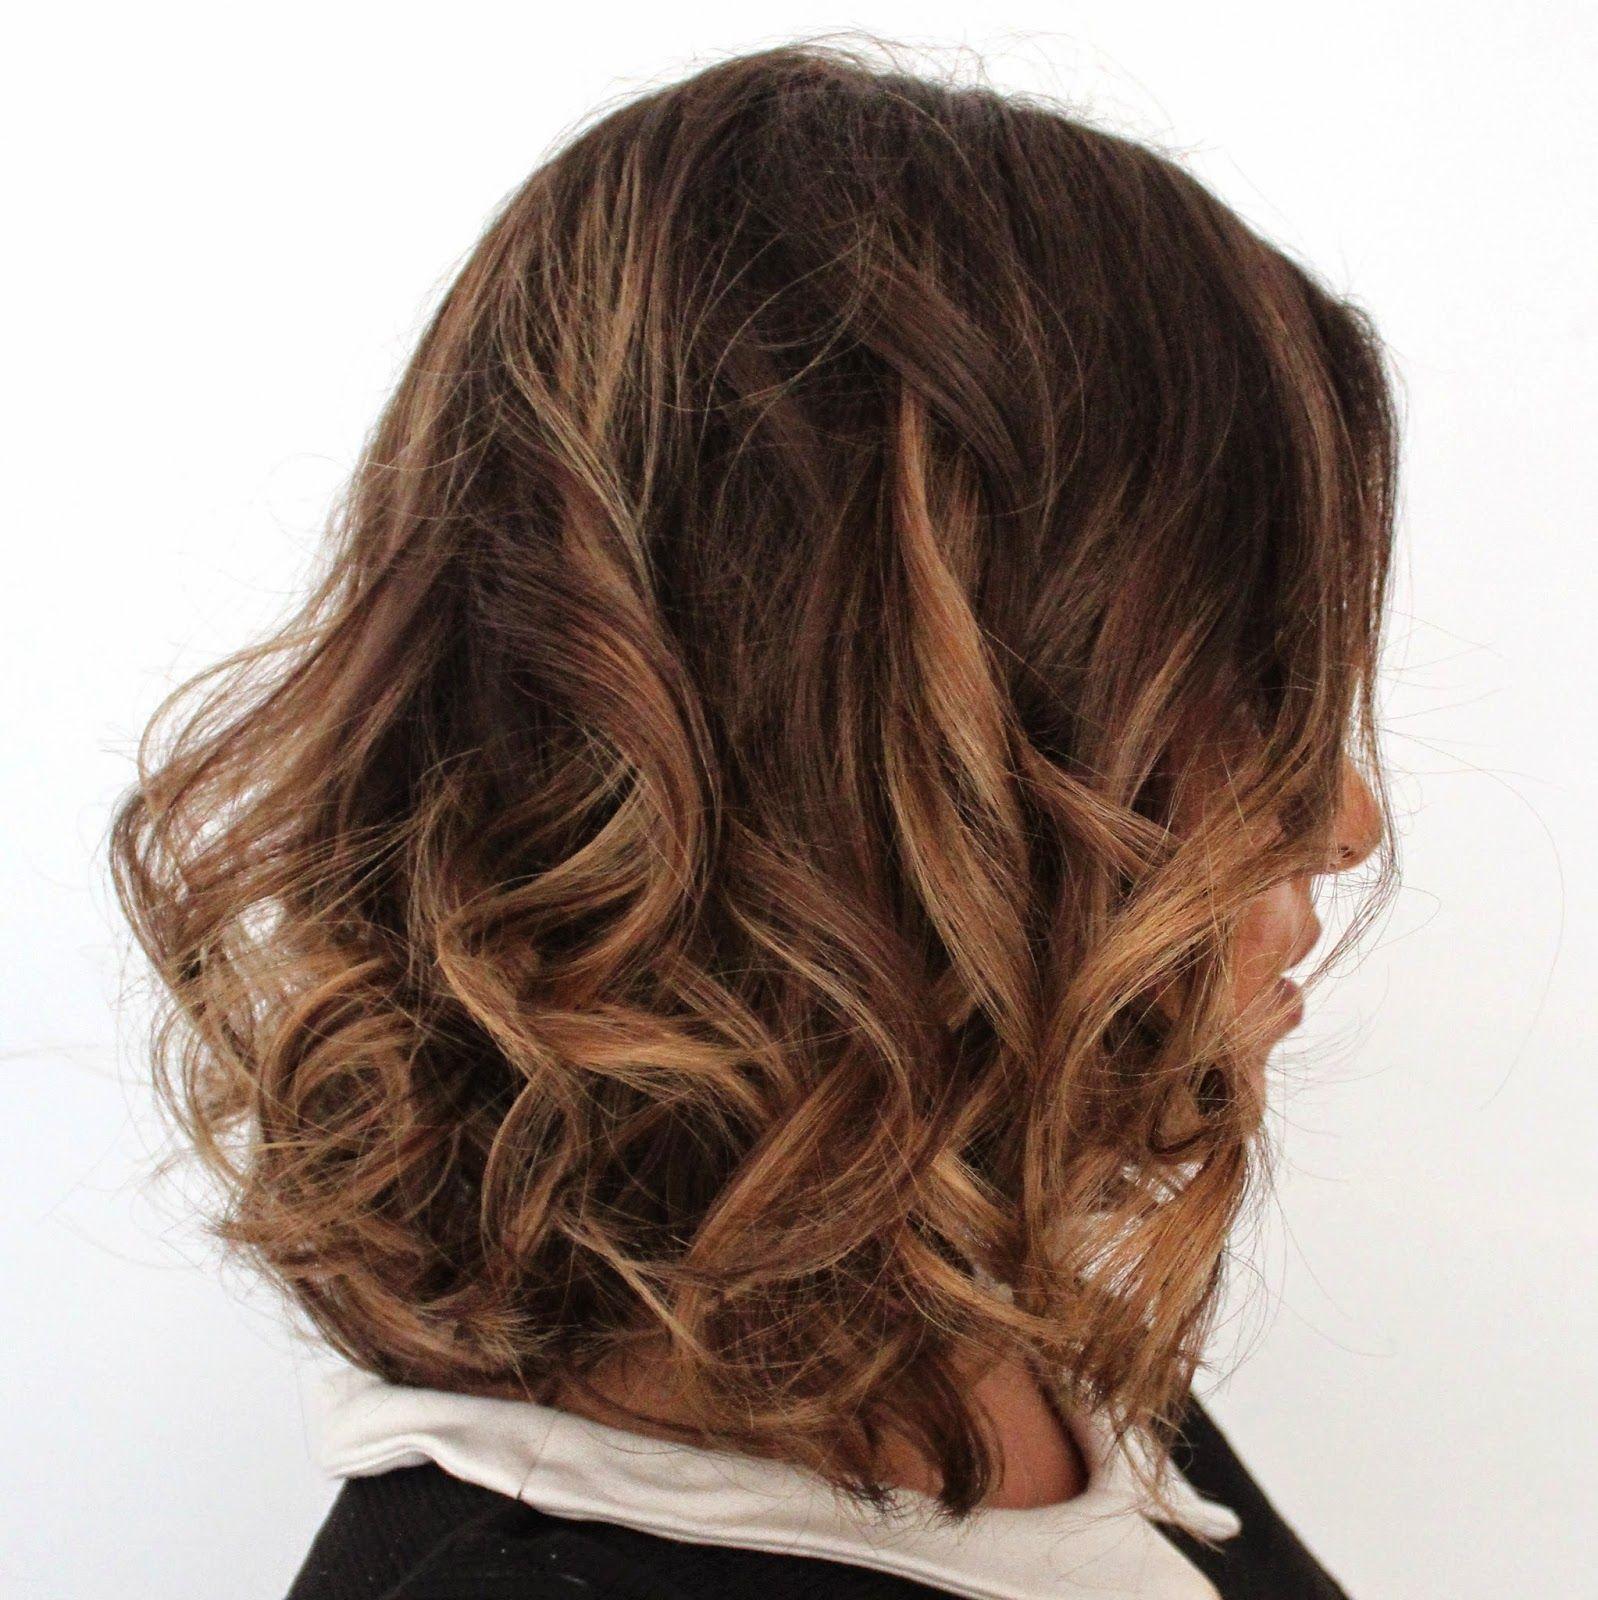 Французские косы фото на длинные волосы настоящем